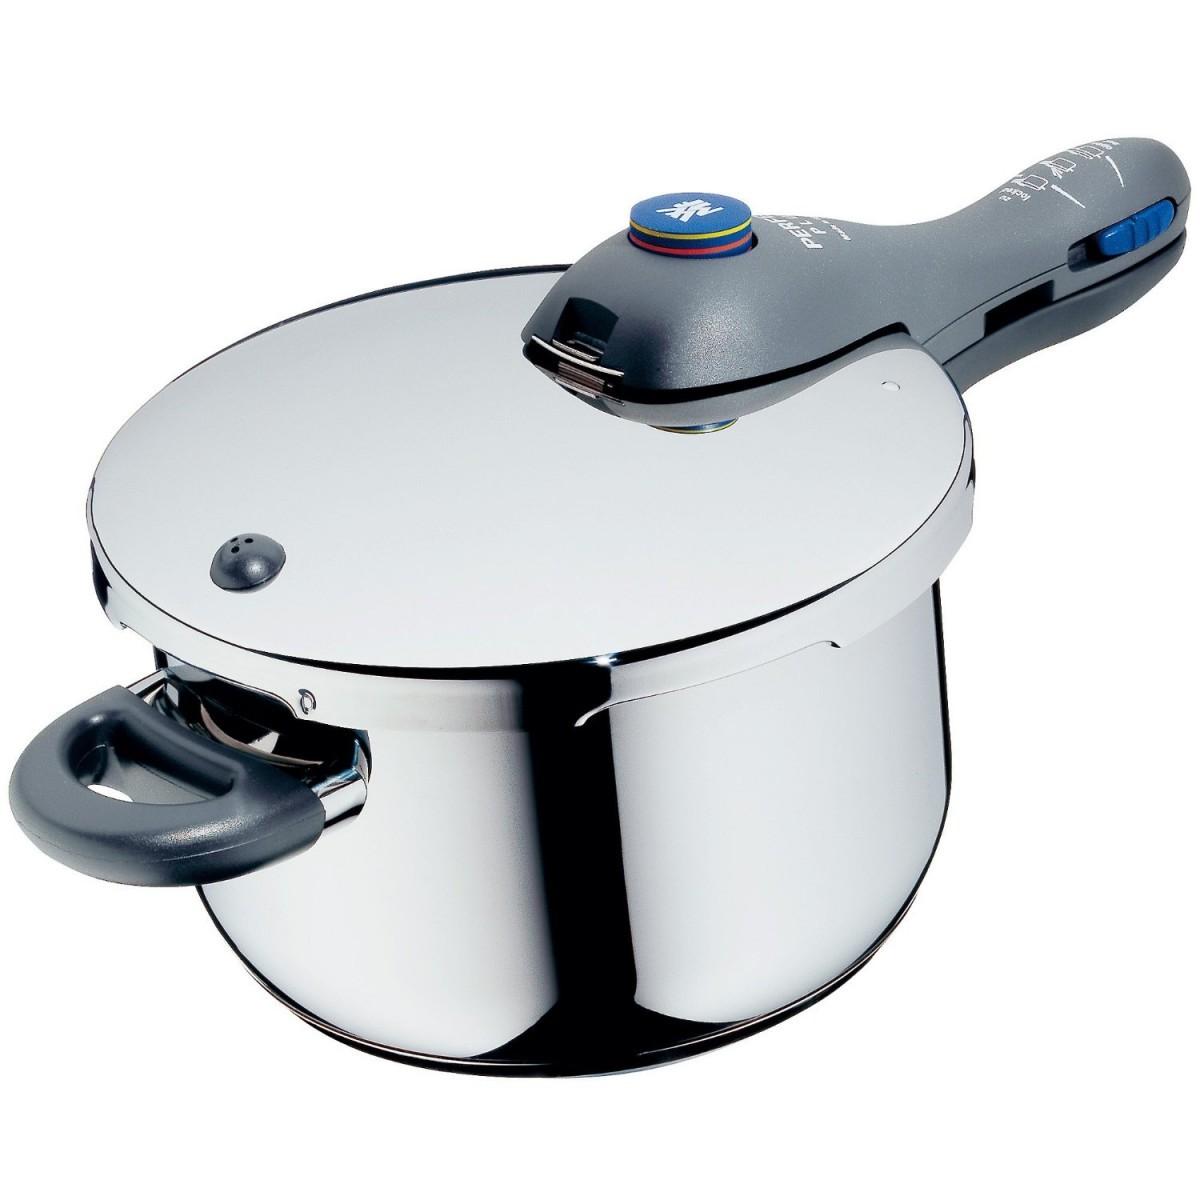 WMF パーフェクトプラス 圧力鍋 018WF-2137 (4.5L)